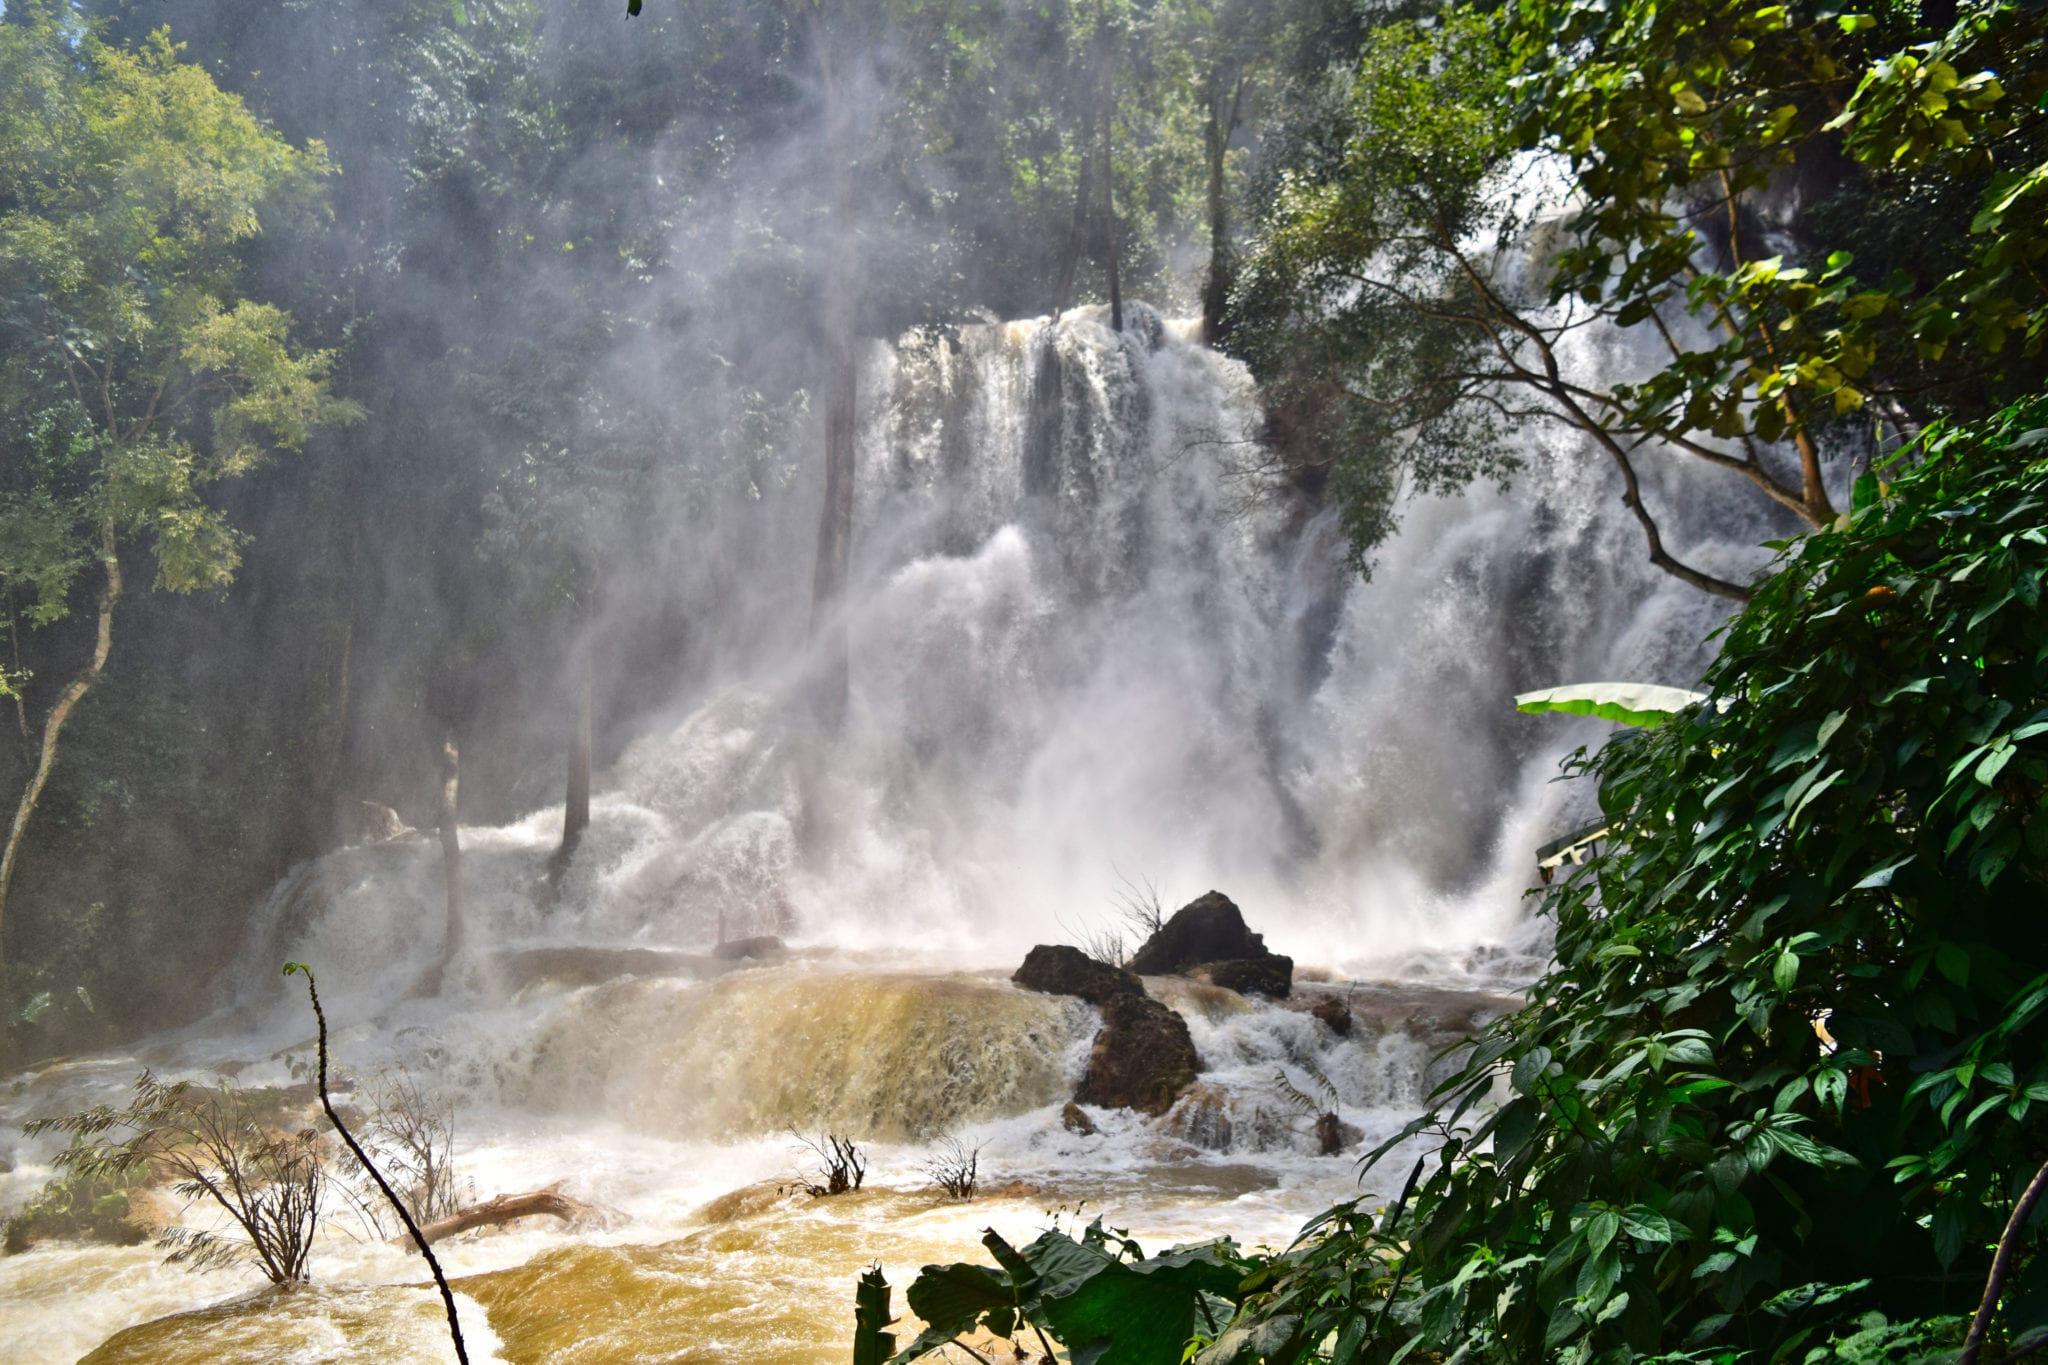 The Ups & Downs of Luang Prabang